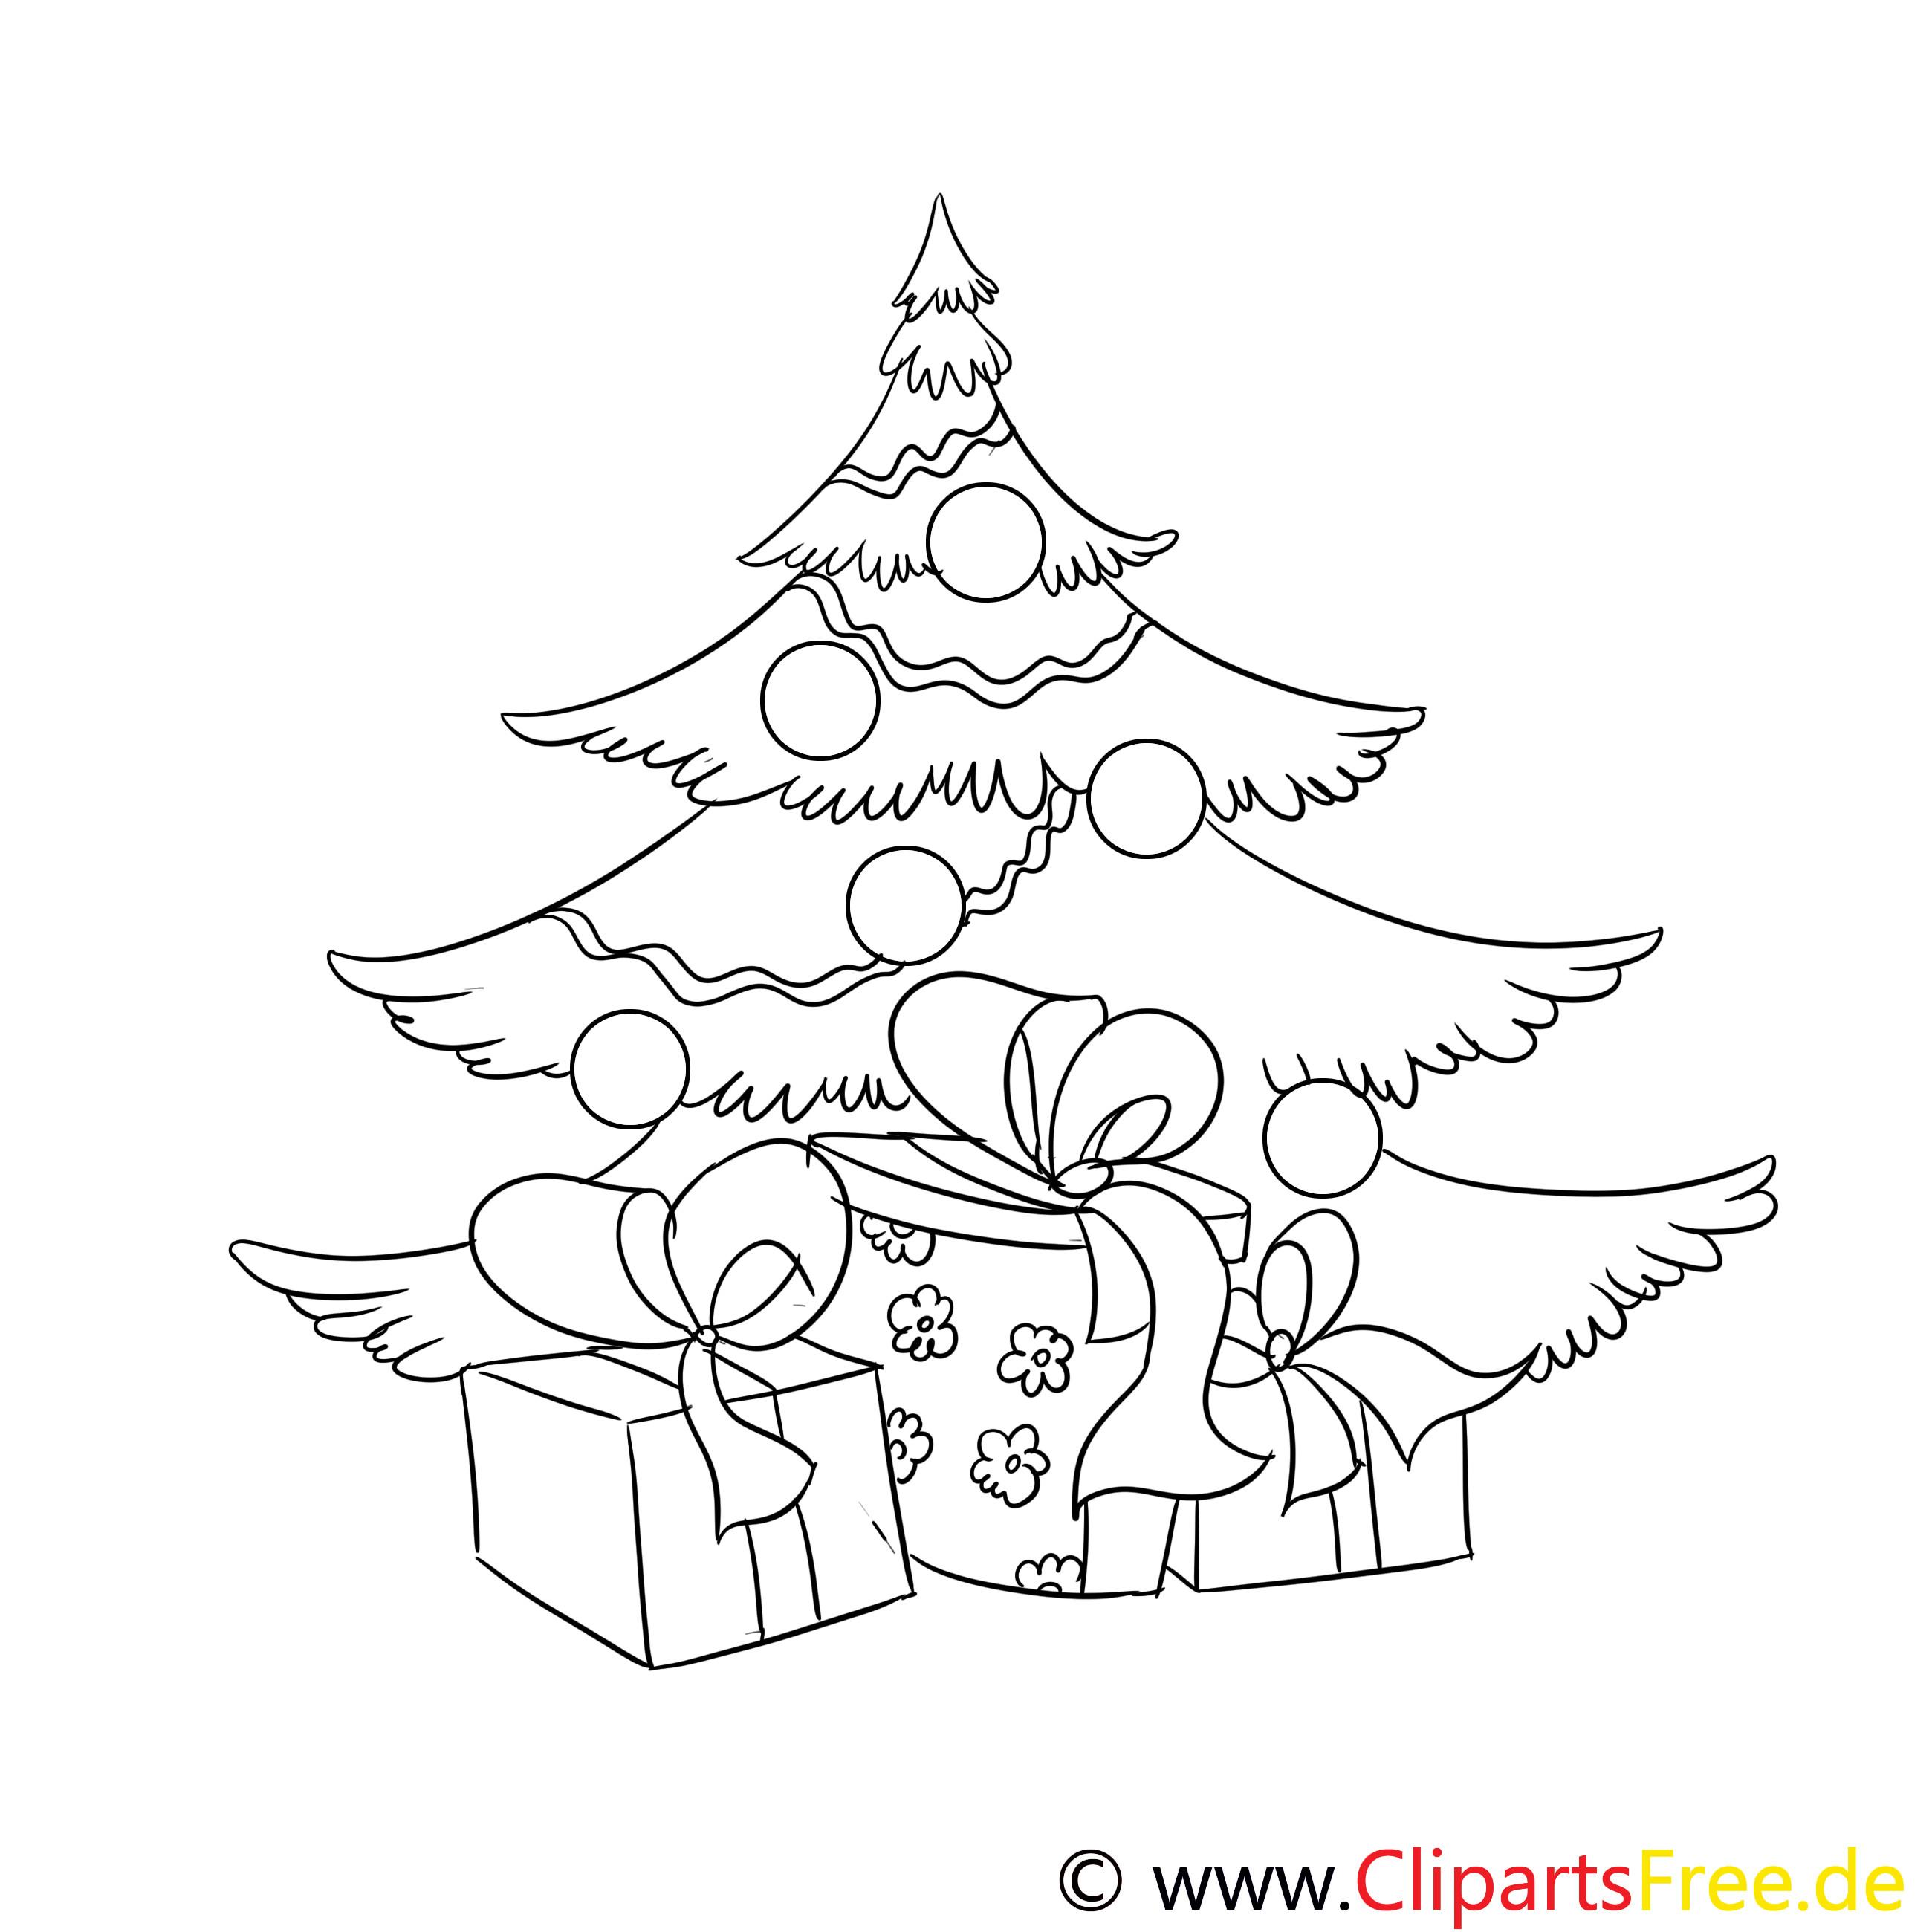 Ausmalbilder Weihnachten Tannenbaum Mit Geschenken  Geschenk Tannenbaum Ausmalbild Malvorlage Zum Drucken Und